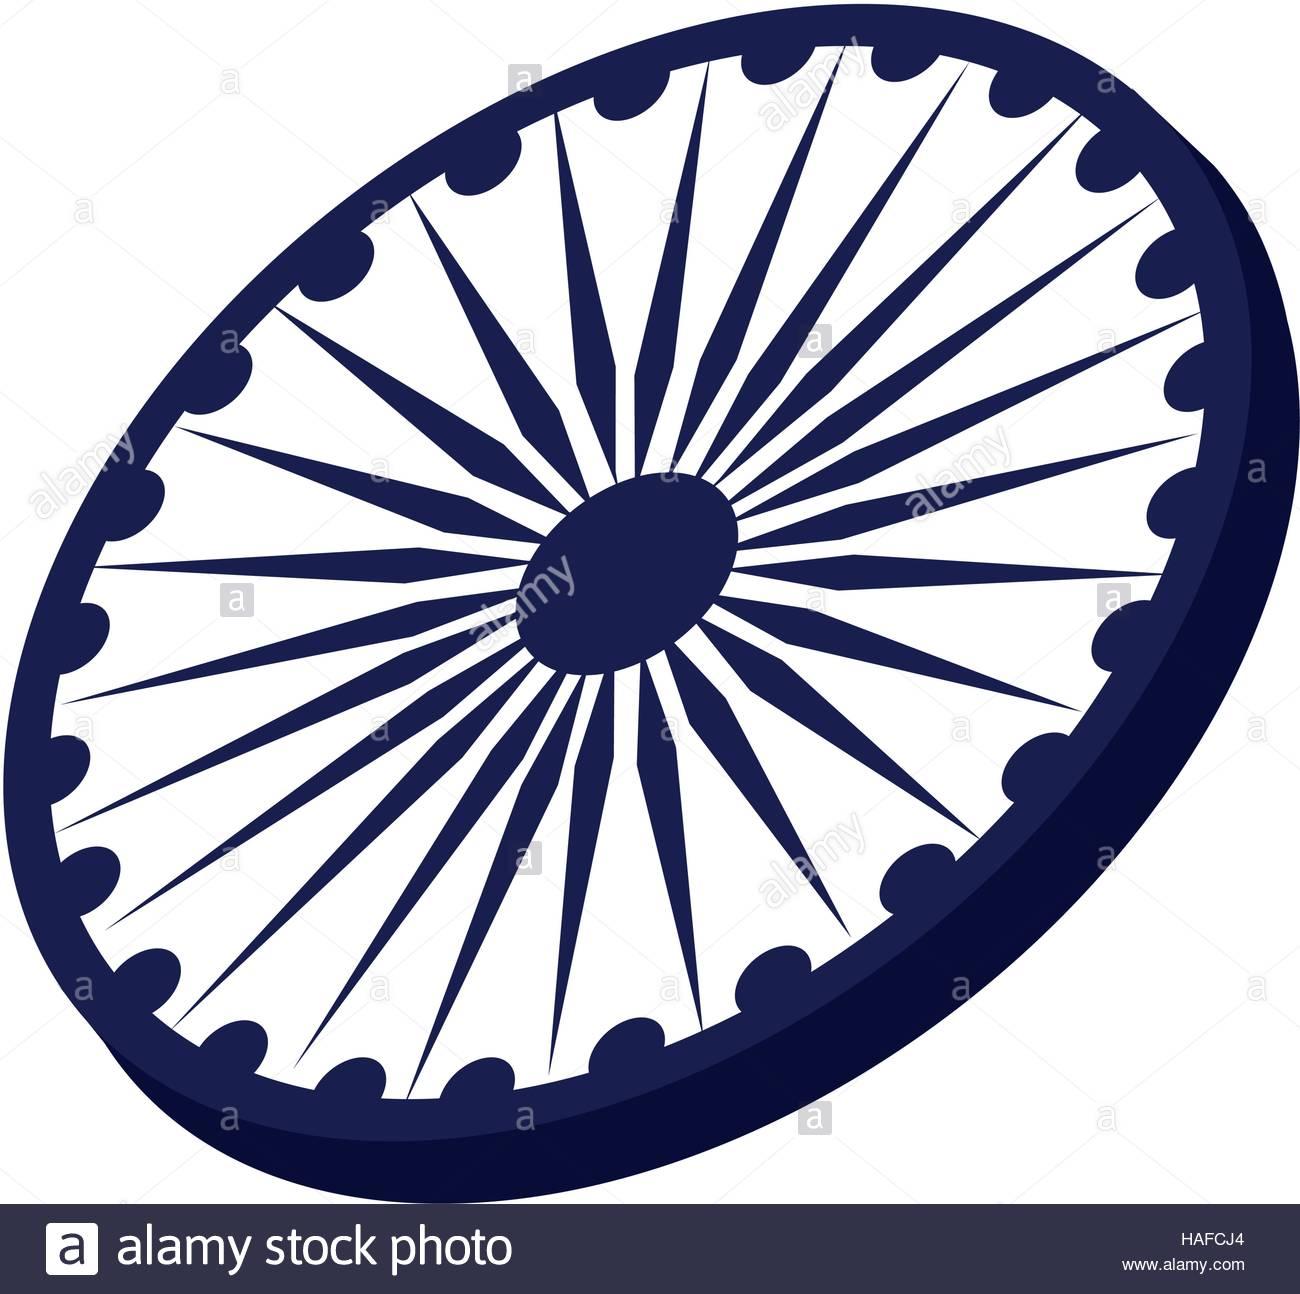 Ashoka Chakra Stock Photos & Ashoka Chakra Stock Images.